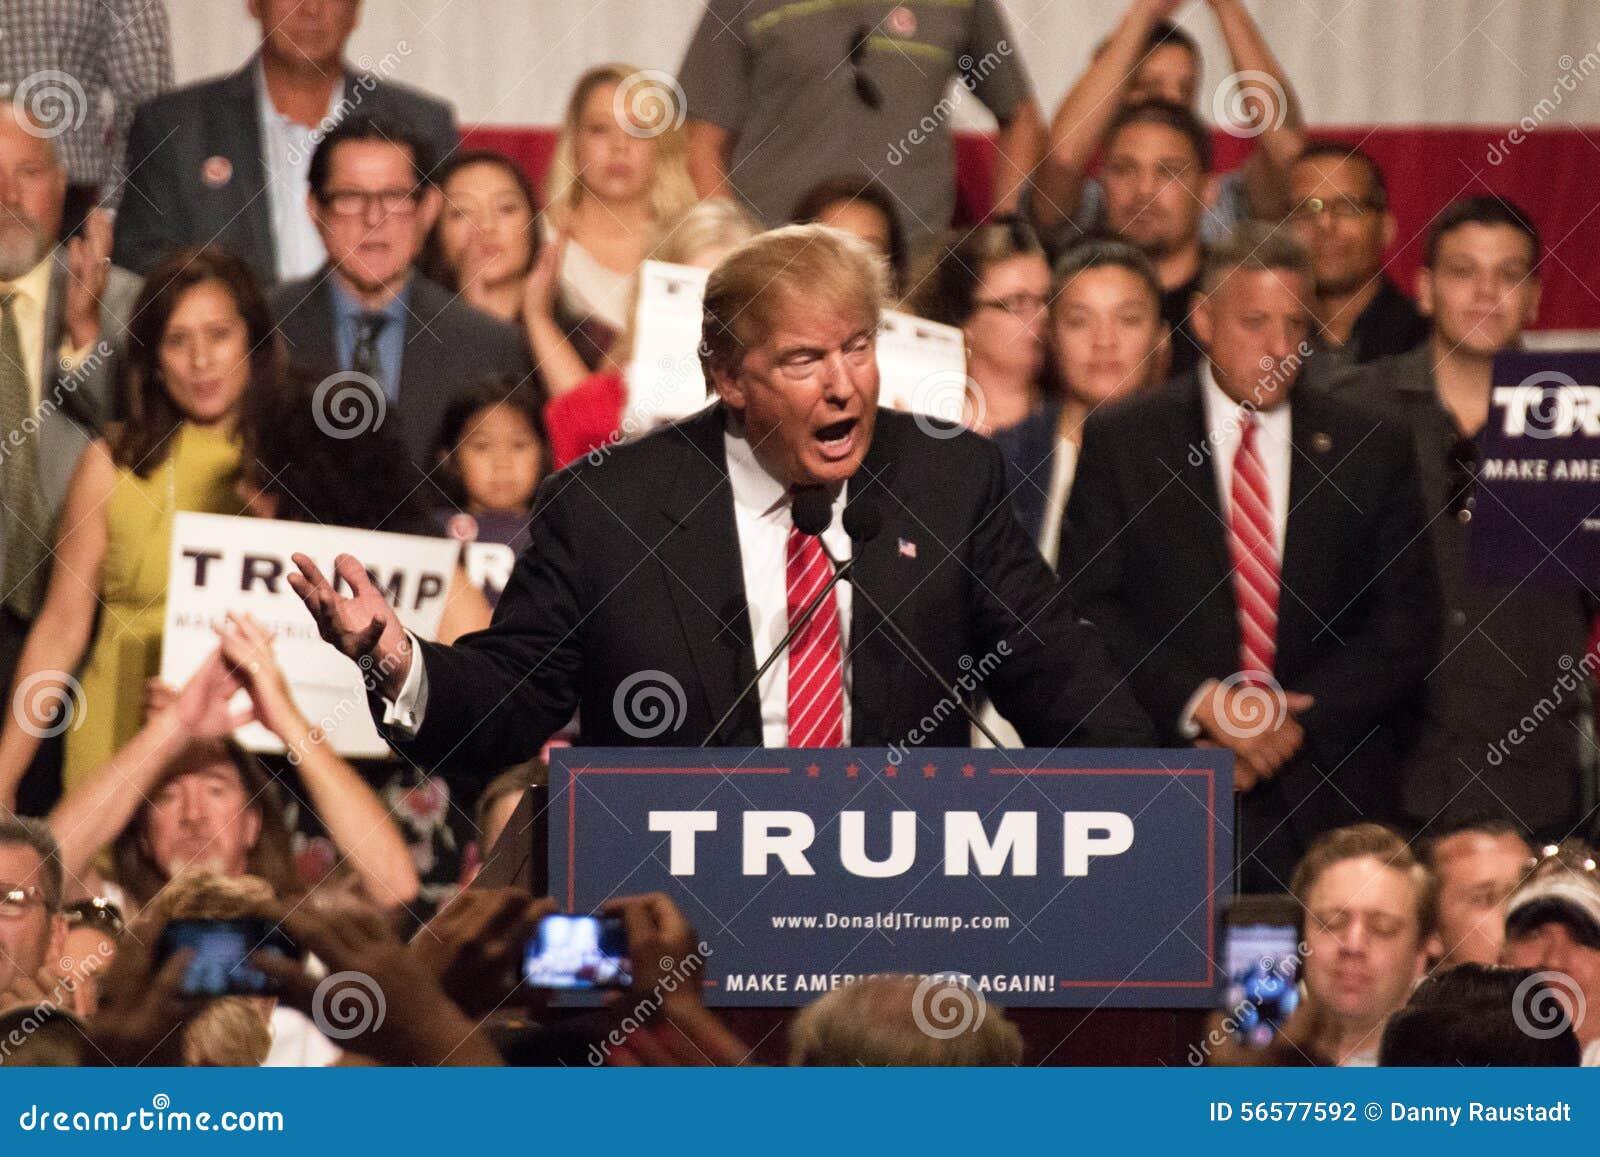 Primera reunión de la campaña presidencial de Donald Trump en Phoenix